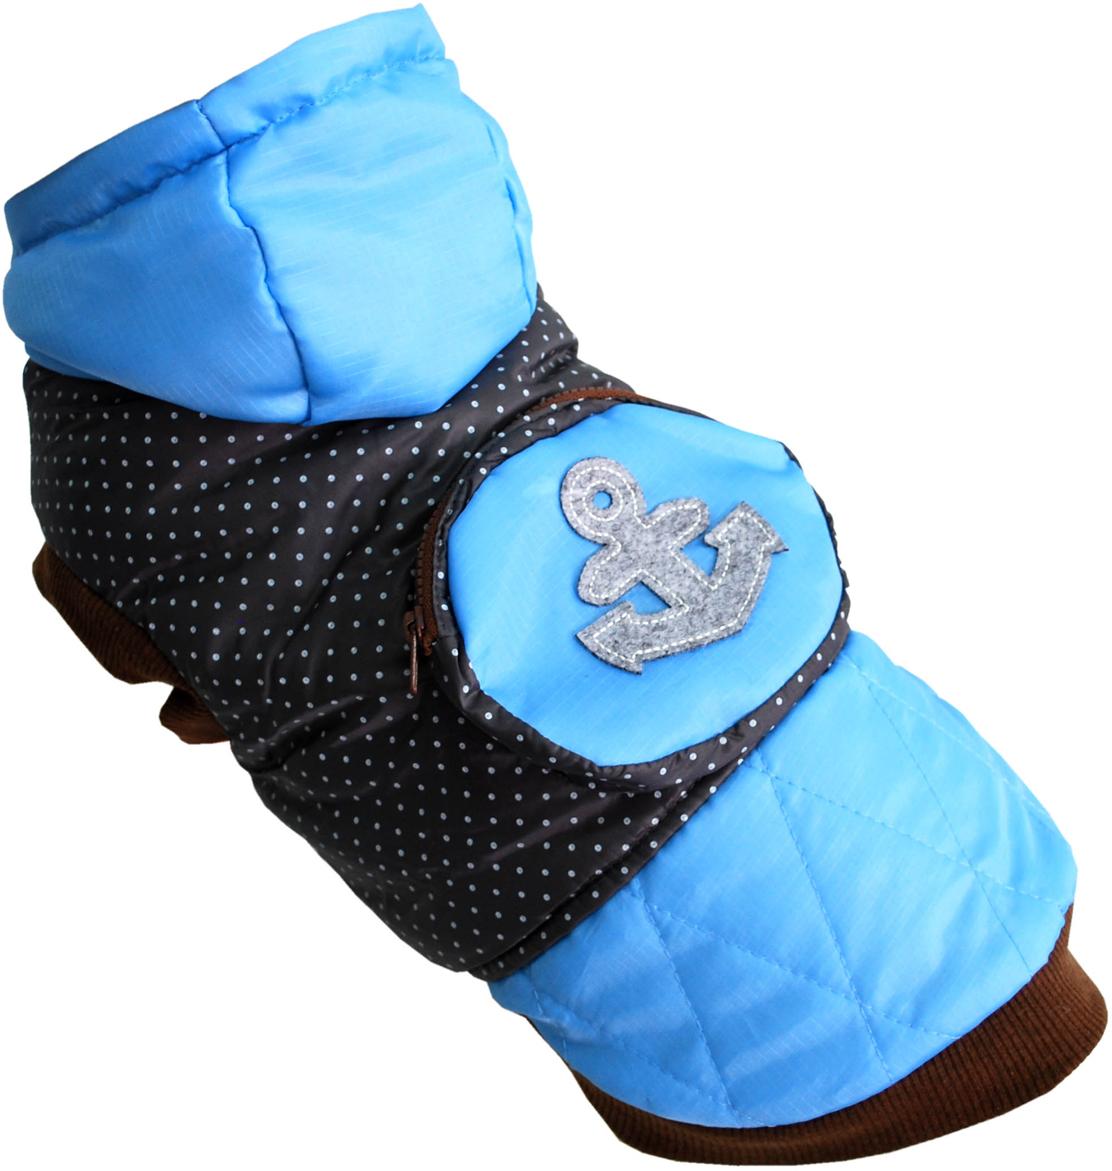 Куртка для собак Pet's INN  Якорь , унисекс, цвет: синий, голубой. Пет20ХЛ. Размер XL - Одежда, обувь, украшения - Одежда